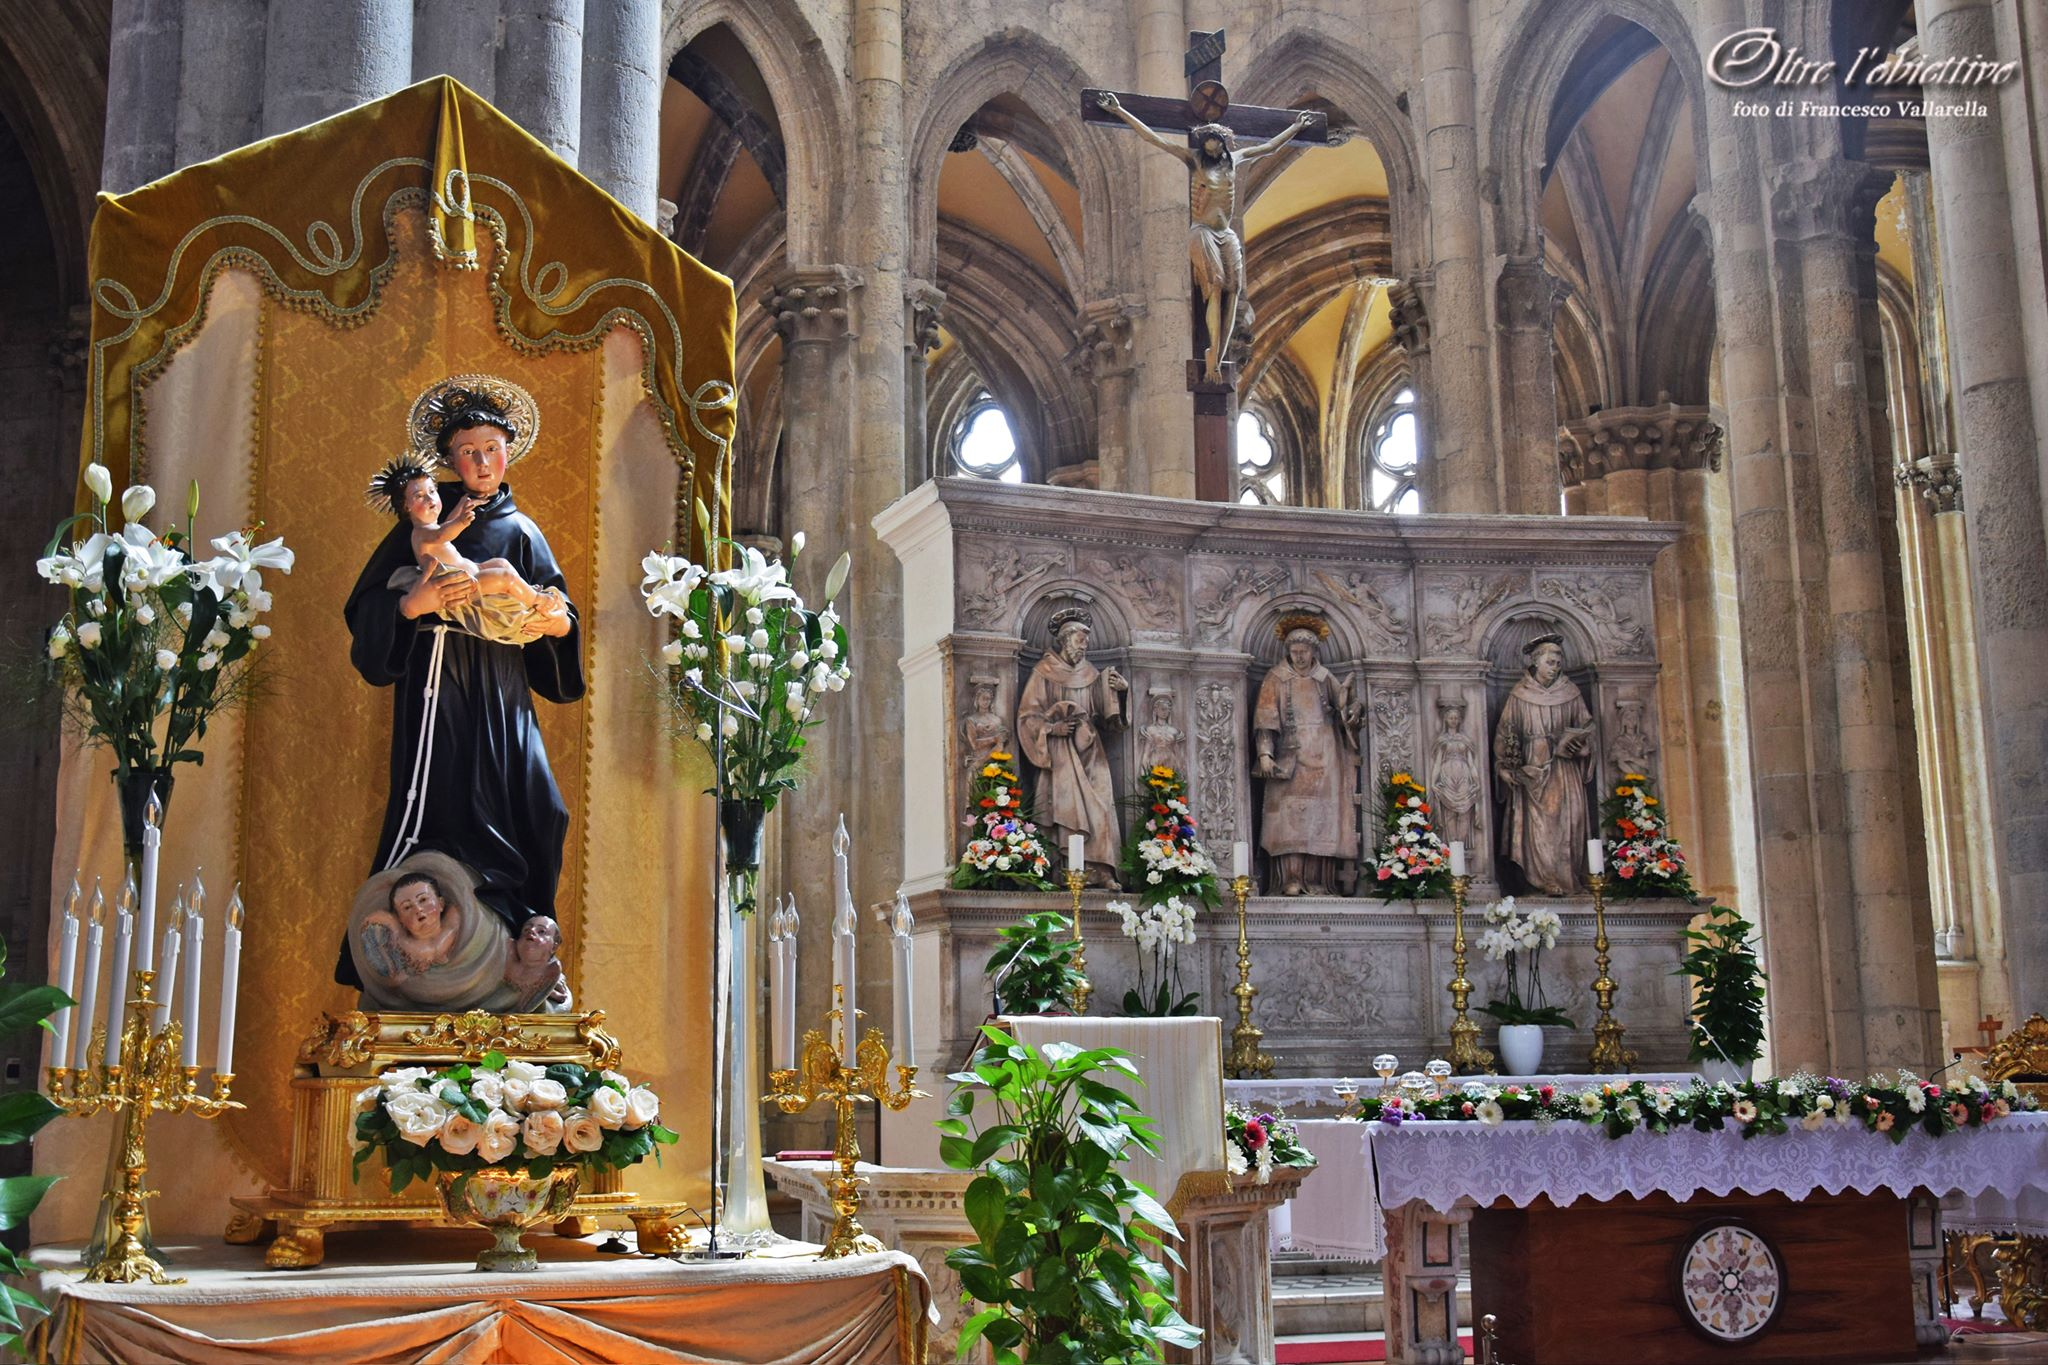 Napoli festeggia Sant'Antonio: gli eventi nella Basilica di San Lorenzo